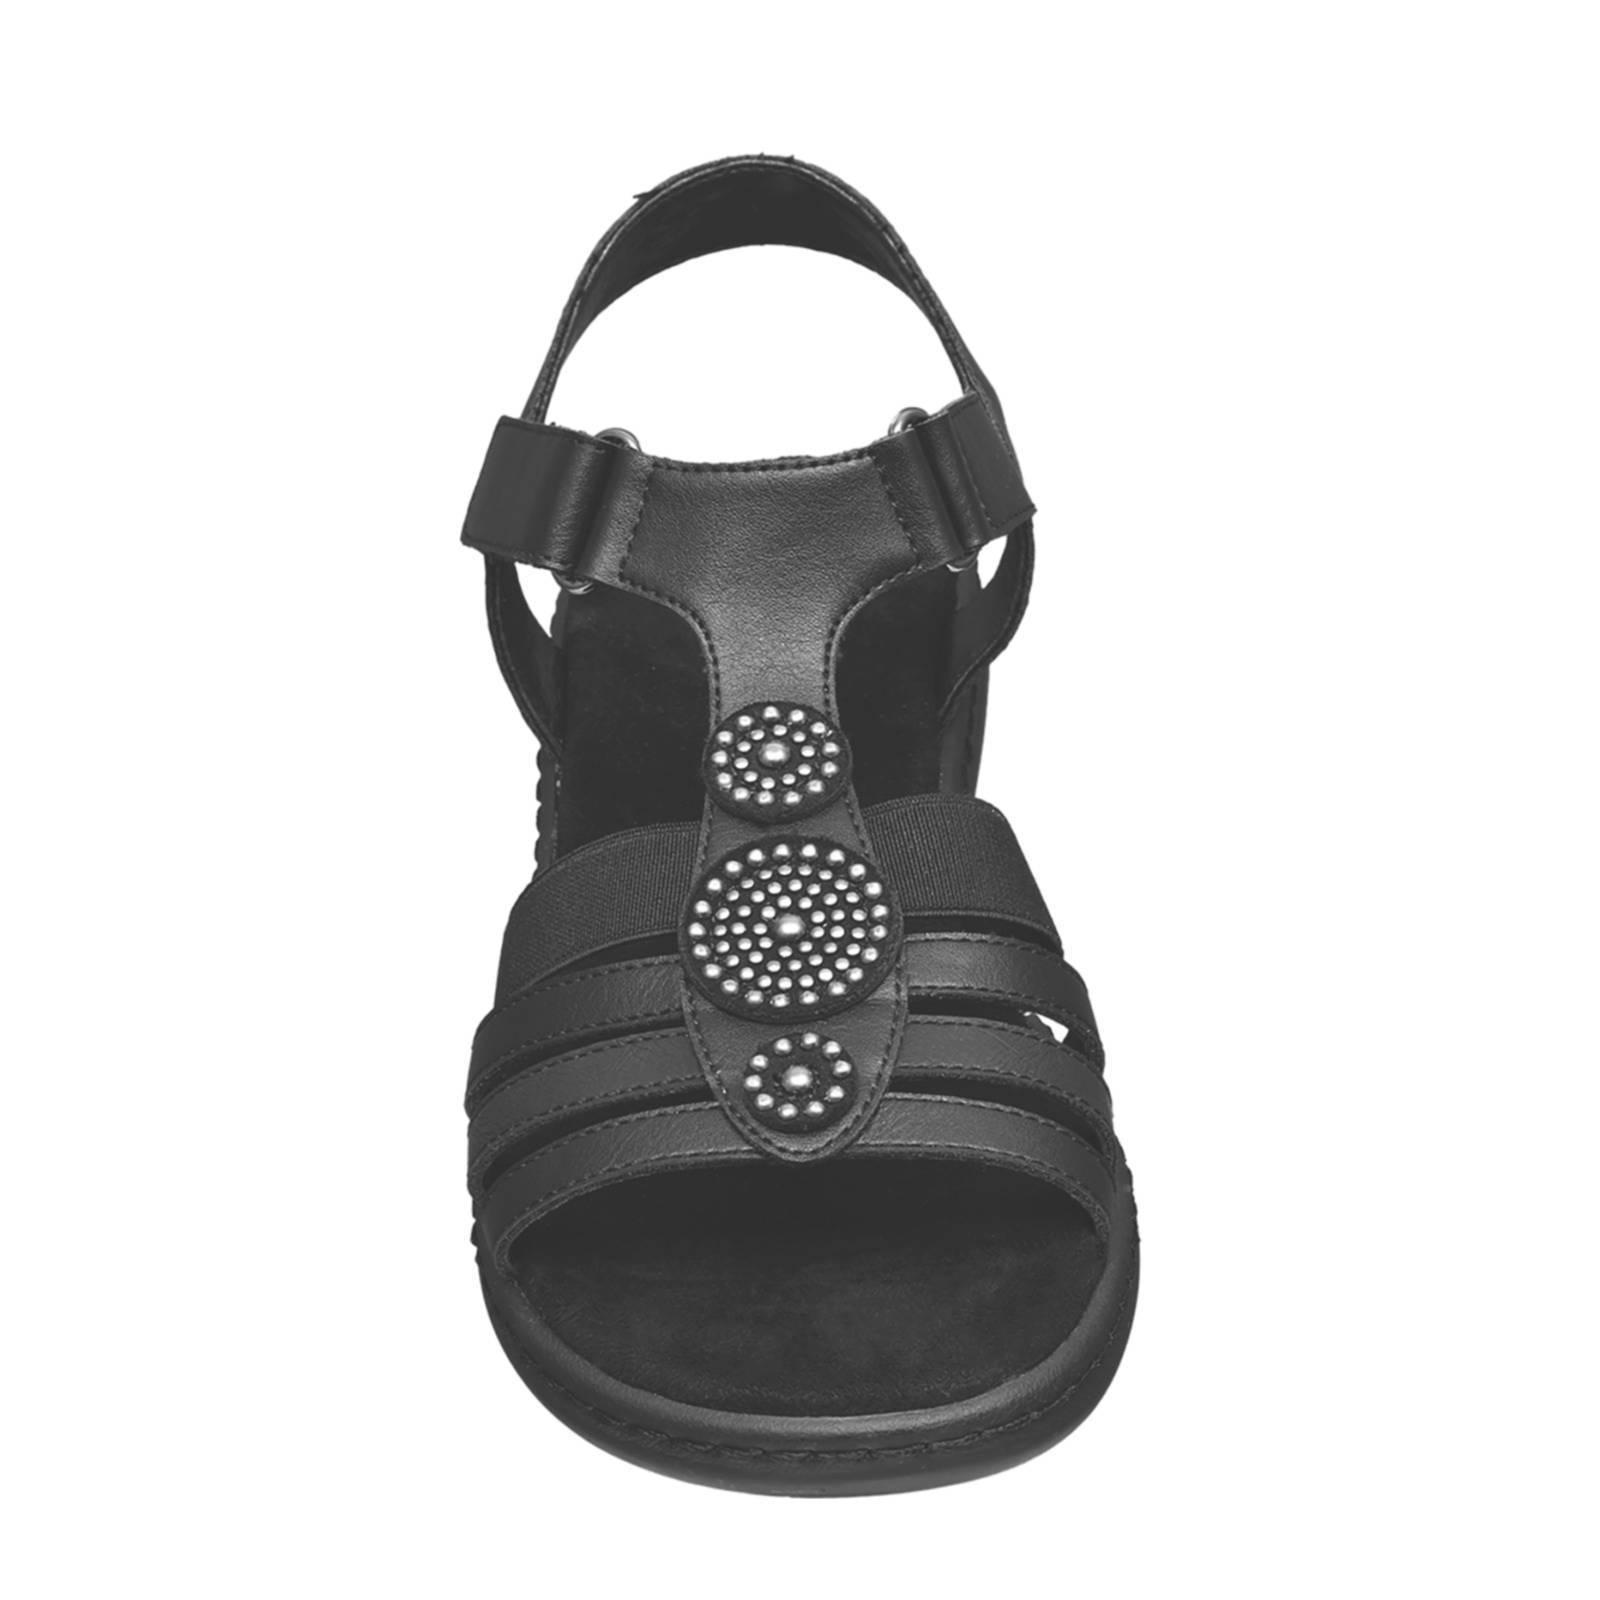 Bjorndal Bjorndal sandalen sandalen zwart nBPw0wIx